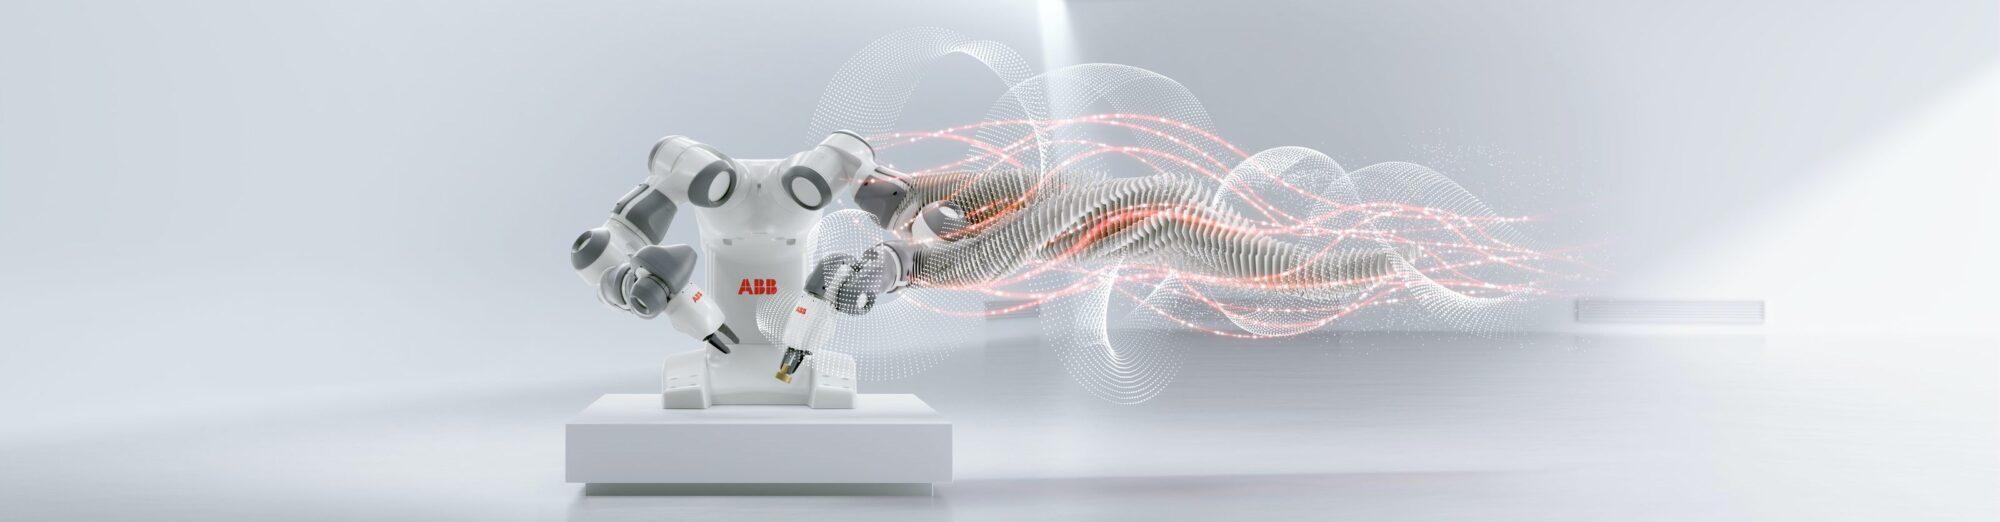 ABB robot schermafbeelding